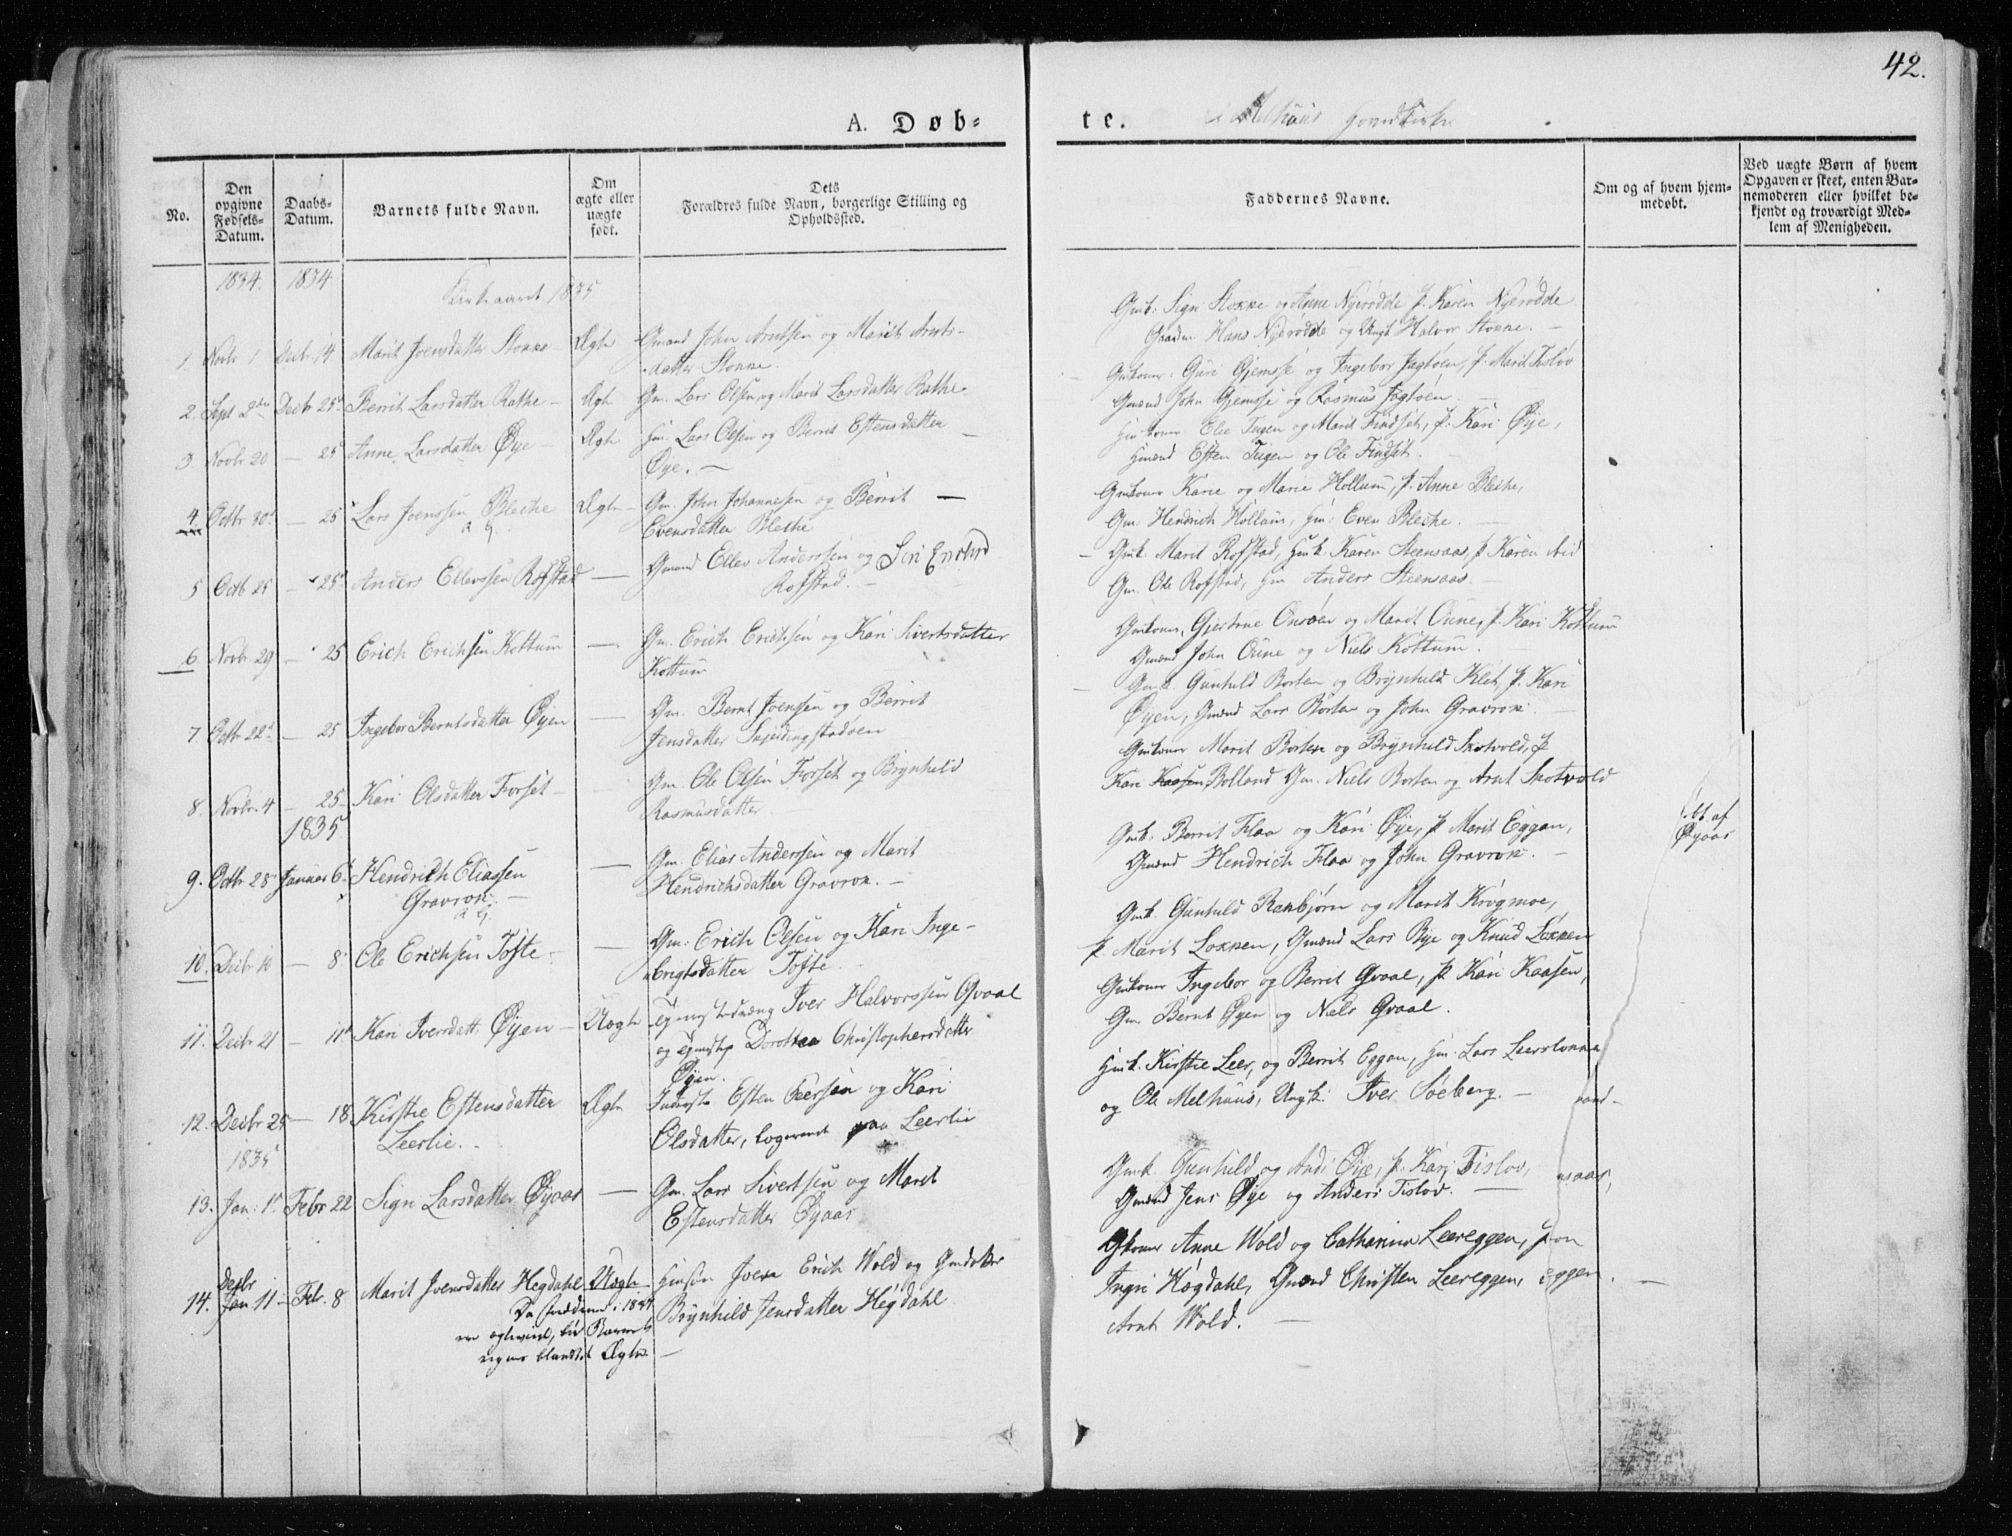 SAT, Ministerialprotokoller, klokkerbøker og fødselsregistre - Sør-Trøndelag, 691/L1069: Ministerialbok nr. 691A04, 1826-1841, s. 42